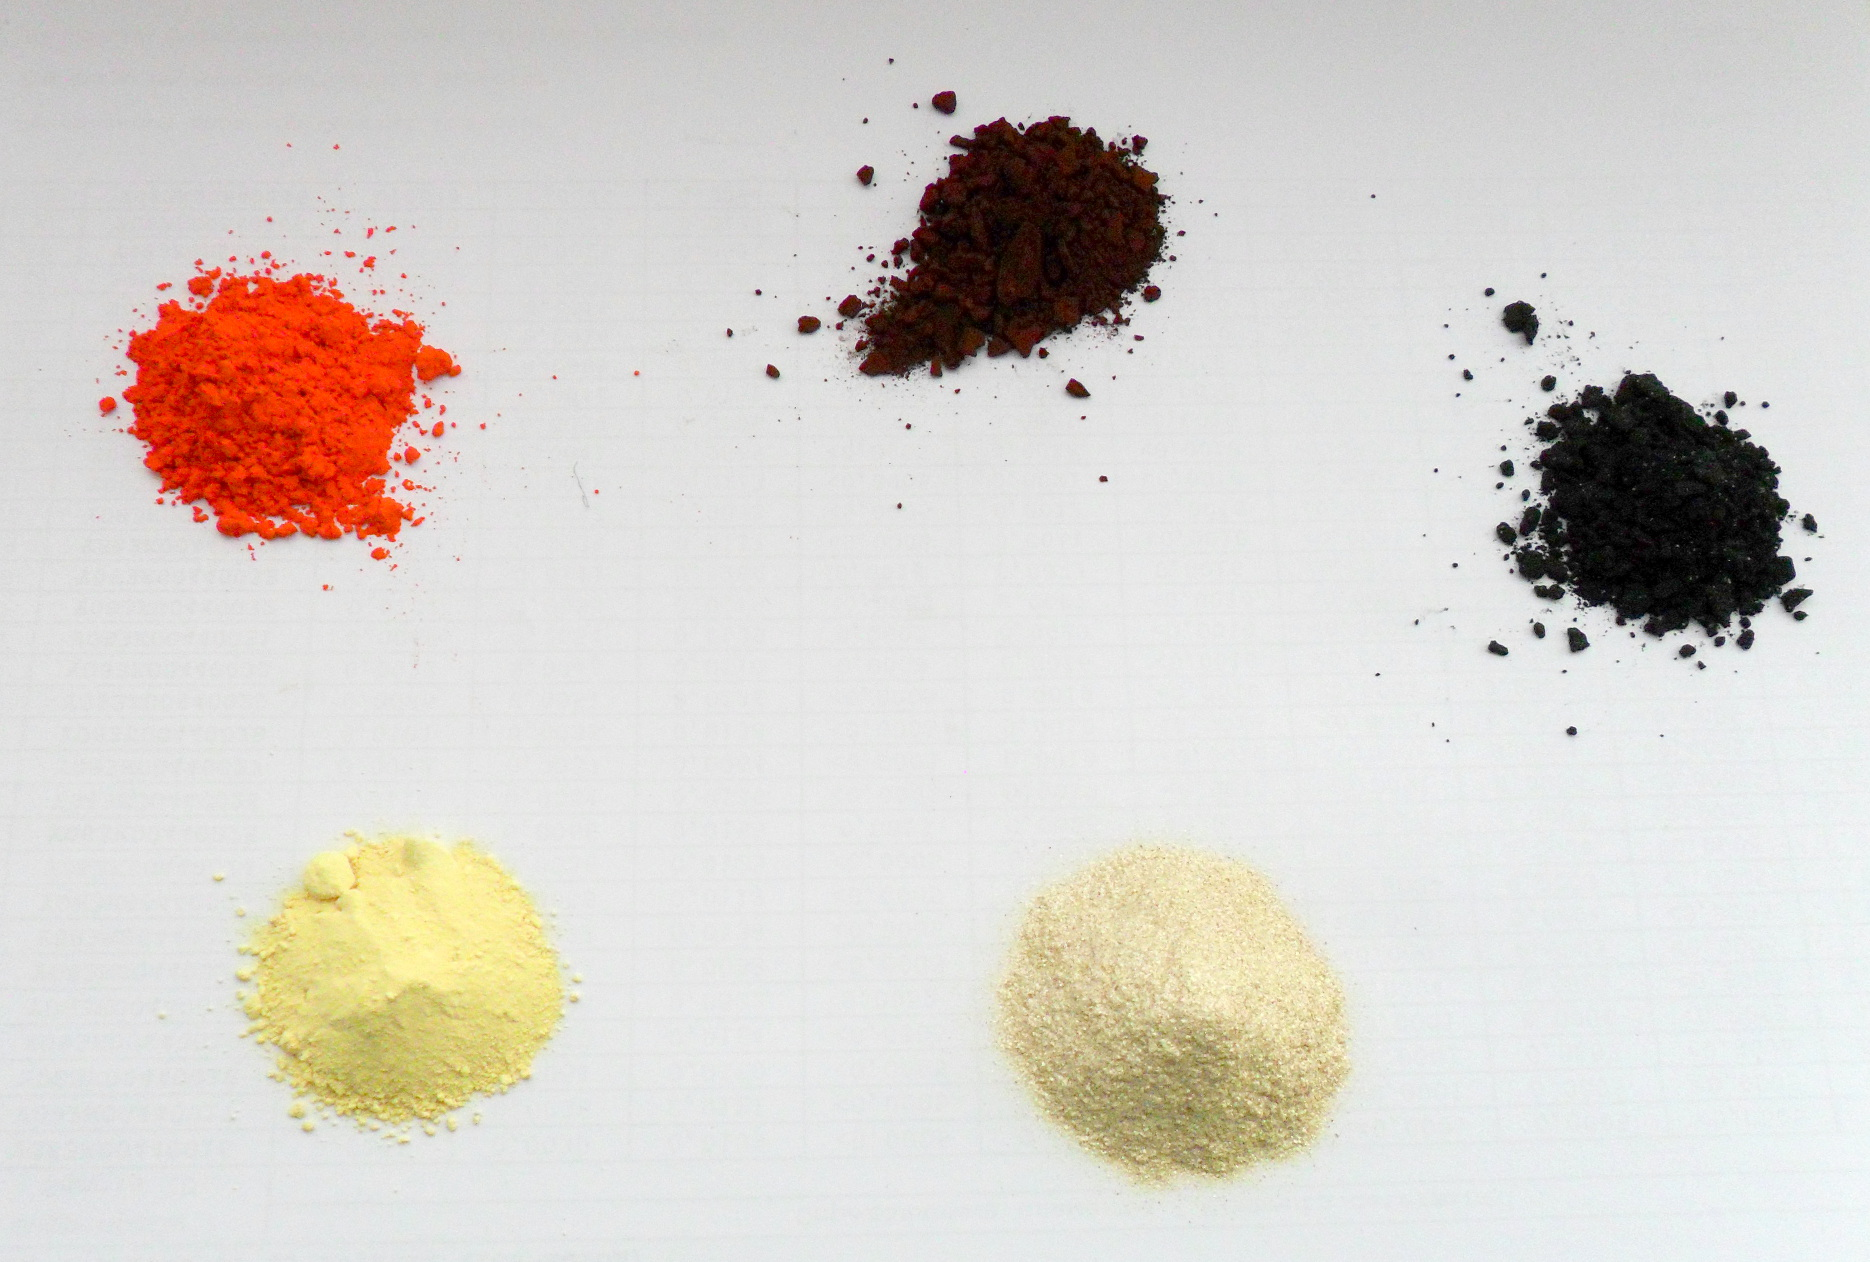 Оксиды и сульфид свинца. С левого нижнего угла по часовой стрелке: желтый оксид свинца (массикот, β-PbO); оранжевый сурик (ортоплюмбат свинца Pb(II)2Pb(IV)O4, чаще просто записываемый как Pb3O4); оксид свинца (IV), иногда ошибочно называемый ''перекисью'' свинца (получен как остаток от растворения сурика в уксусной кислоте в отсутствие окислителей); мелкокристаллический сульфид свинца, полученный гомогенным осаждением тиомочевиной из кипящего щелочного раствора гидроксоплюмбита натрия (блестящие частицы - кусочки ''сульфидного зеркала'', осевшего на стенках реакционного сосуда); оксид свинца (II), выпавший и недорастворившийся при реакции уксуснокислого свинца с NaOH (в основном желтые пластинчатый кристаллы с небольшой примесью красных, более мелких и плотных, частиц).